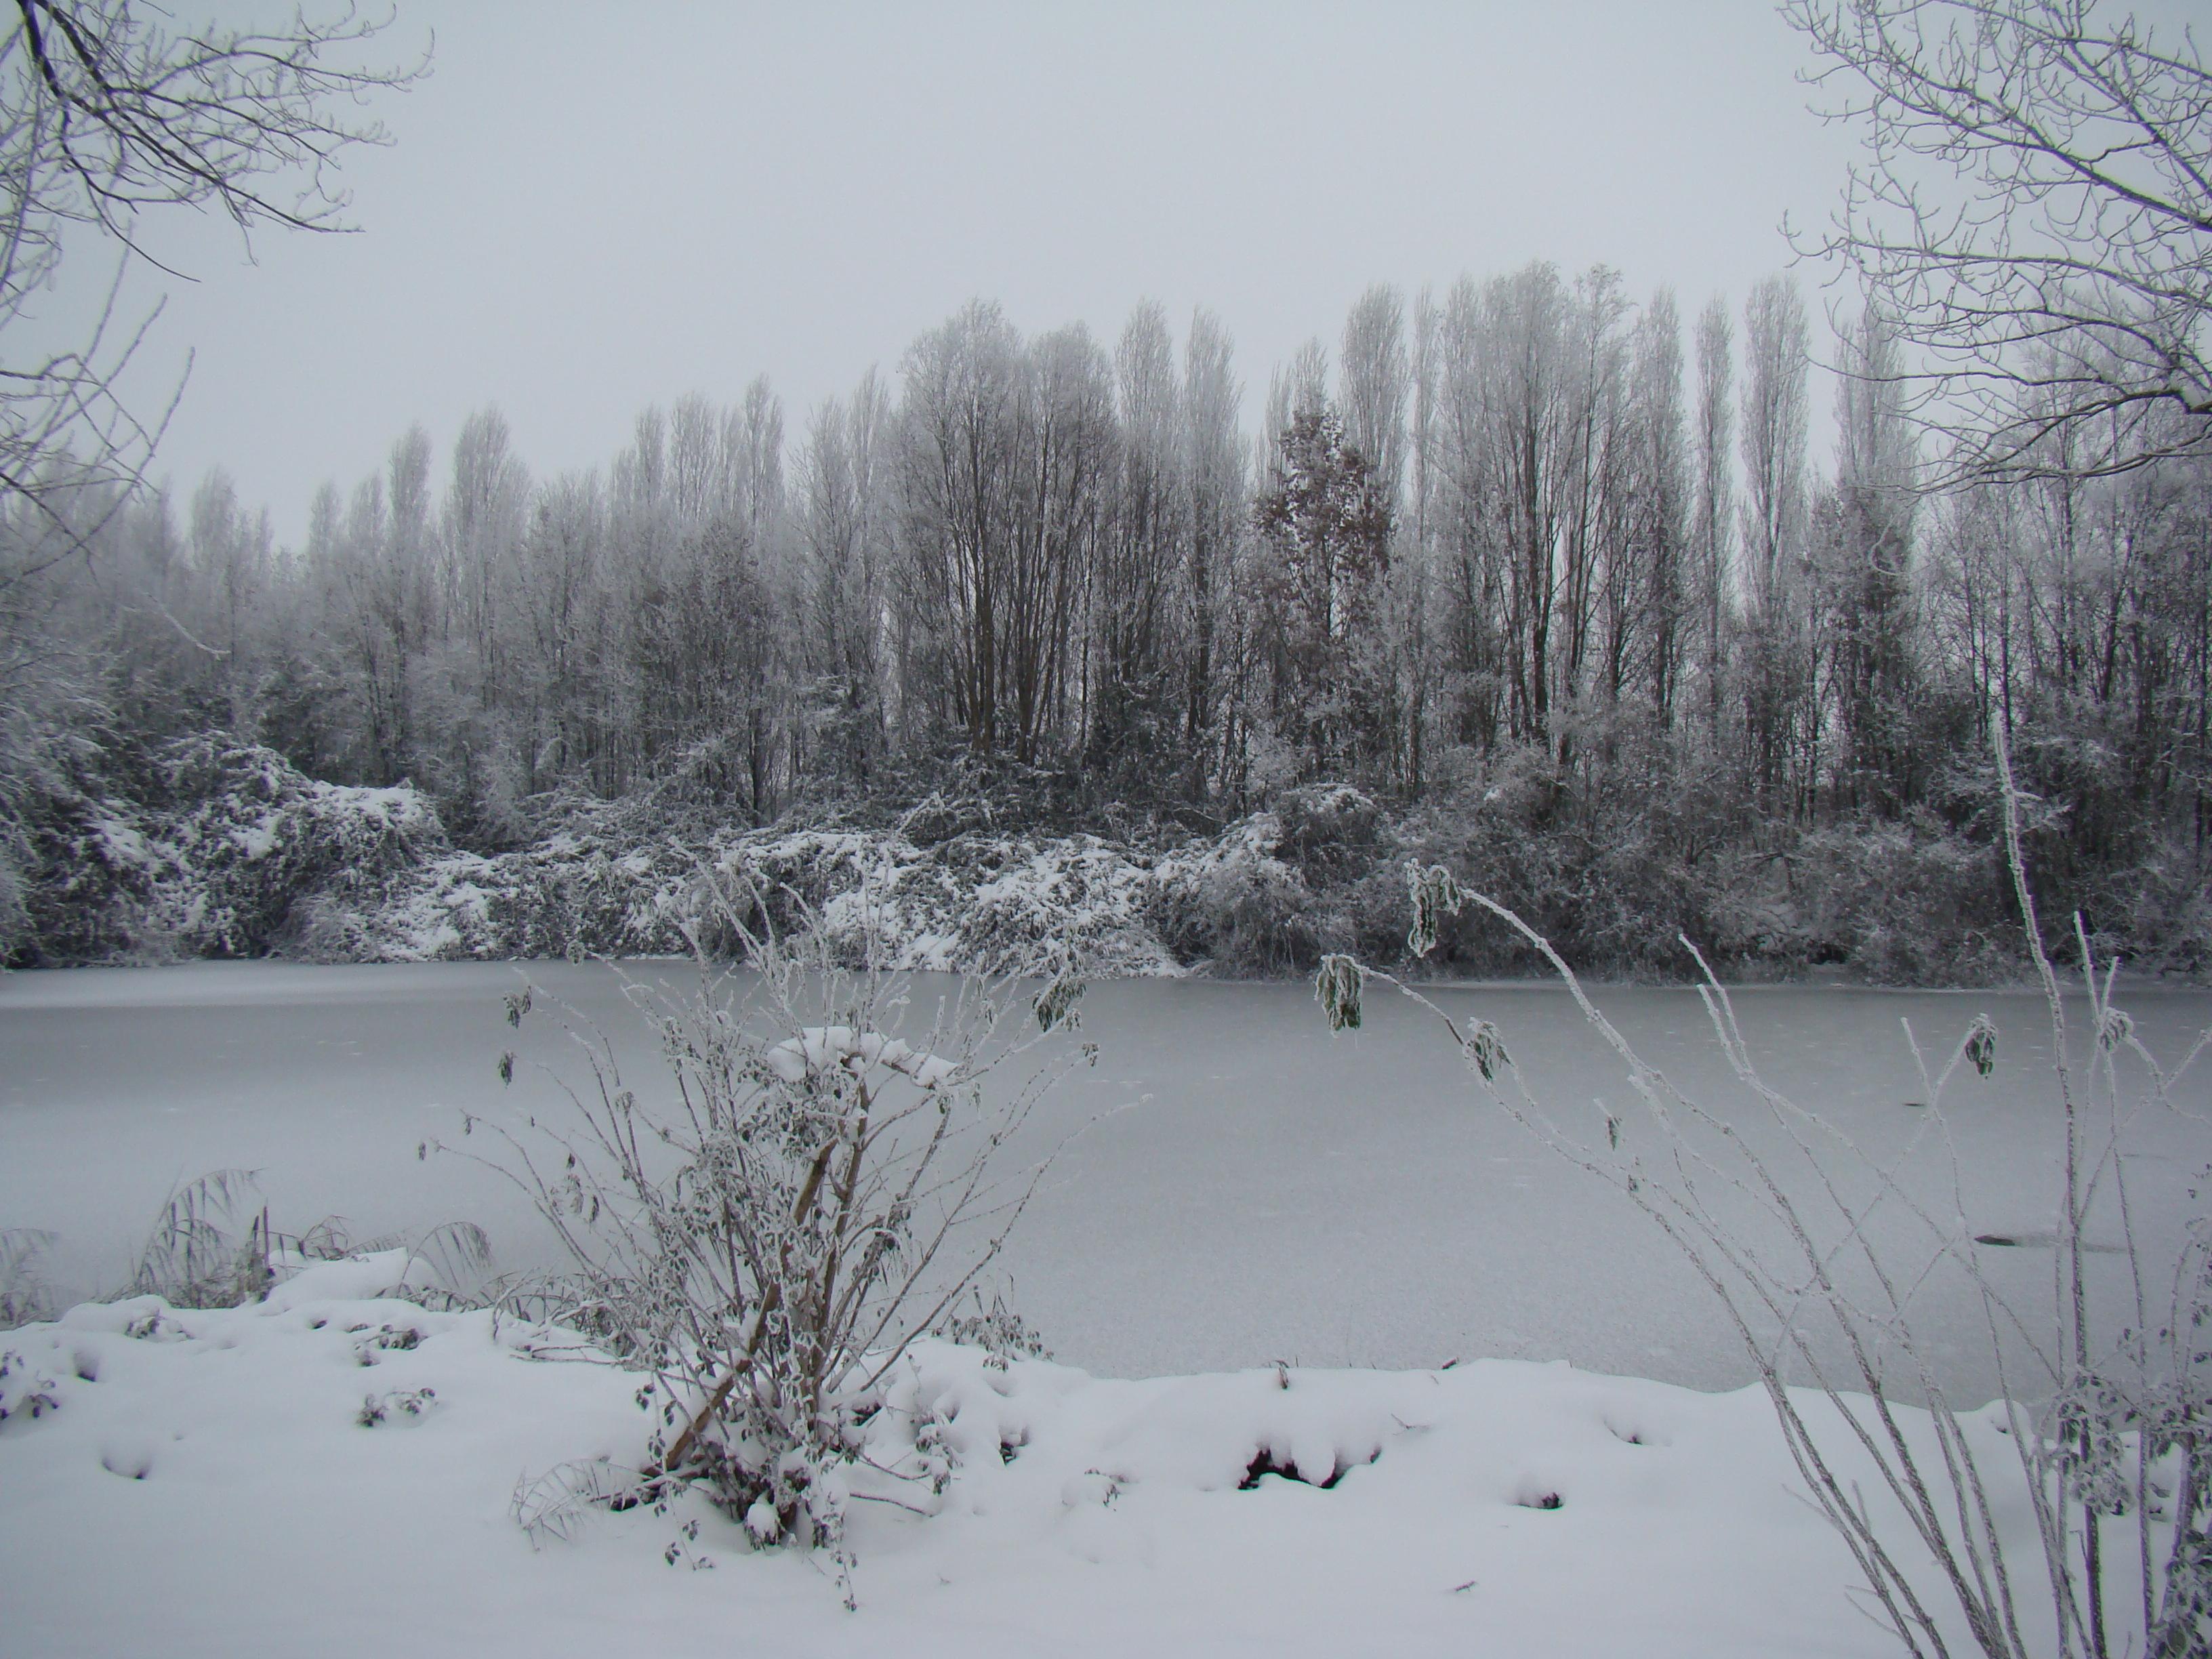 L'Inverno ammanta il Fiume di bianco e d'argento